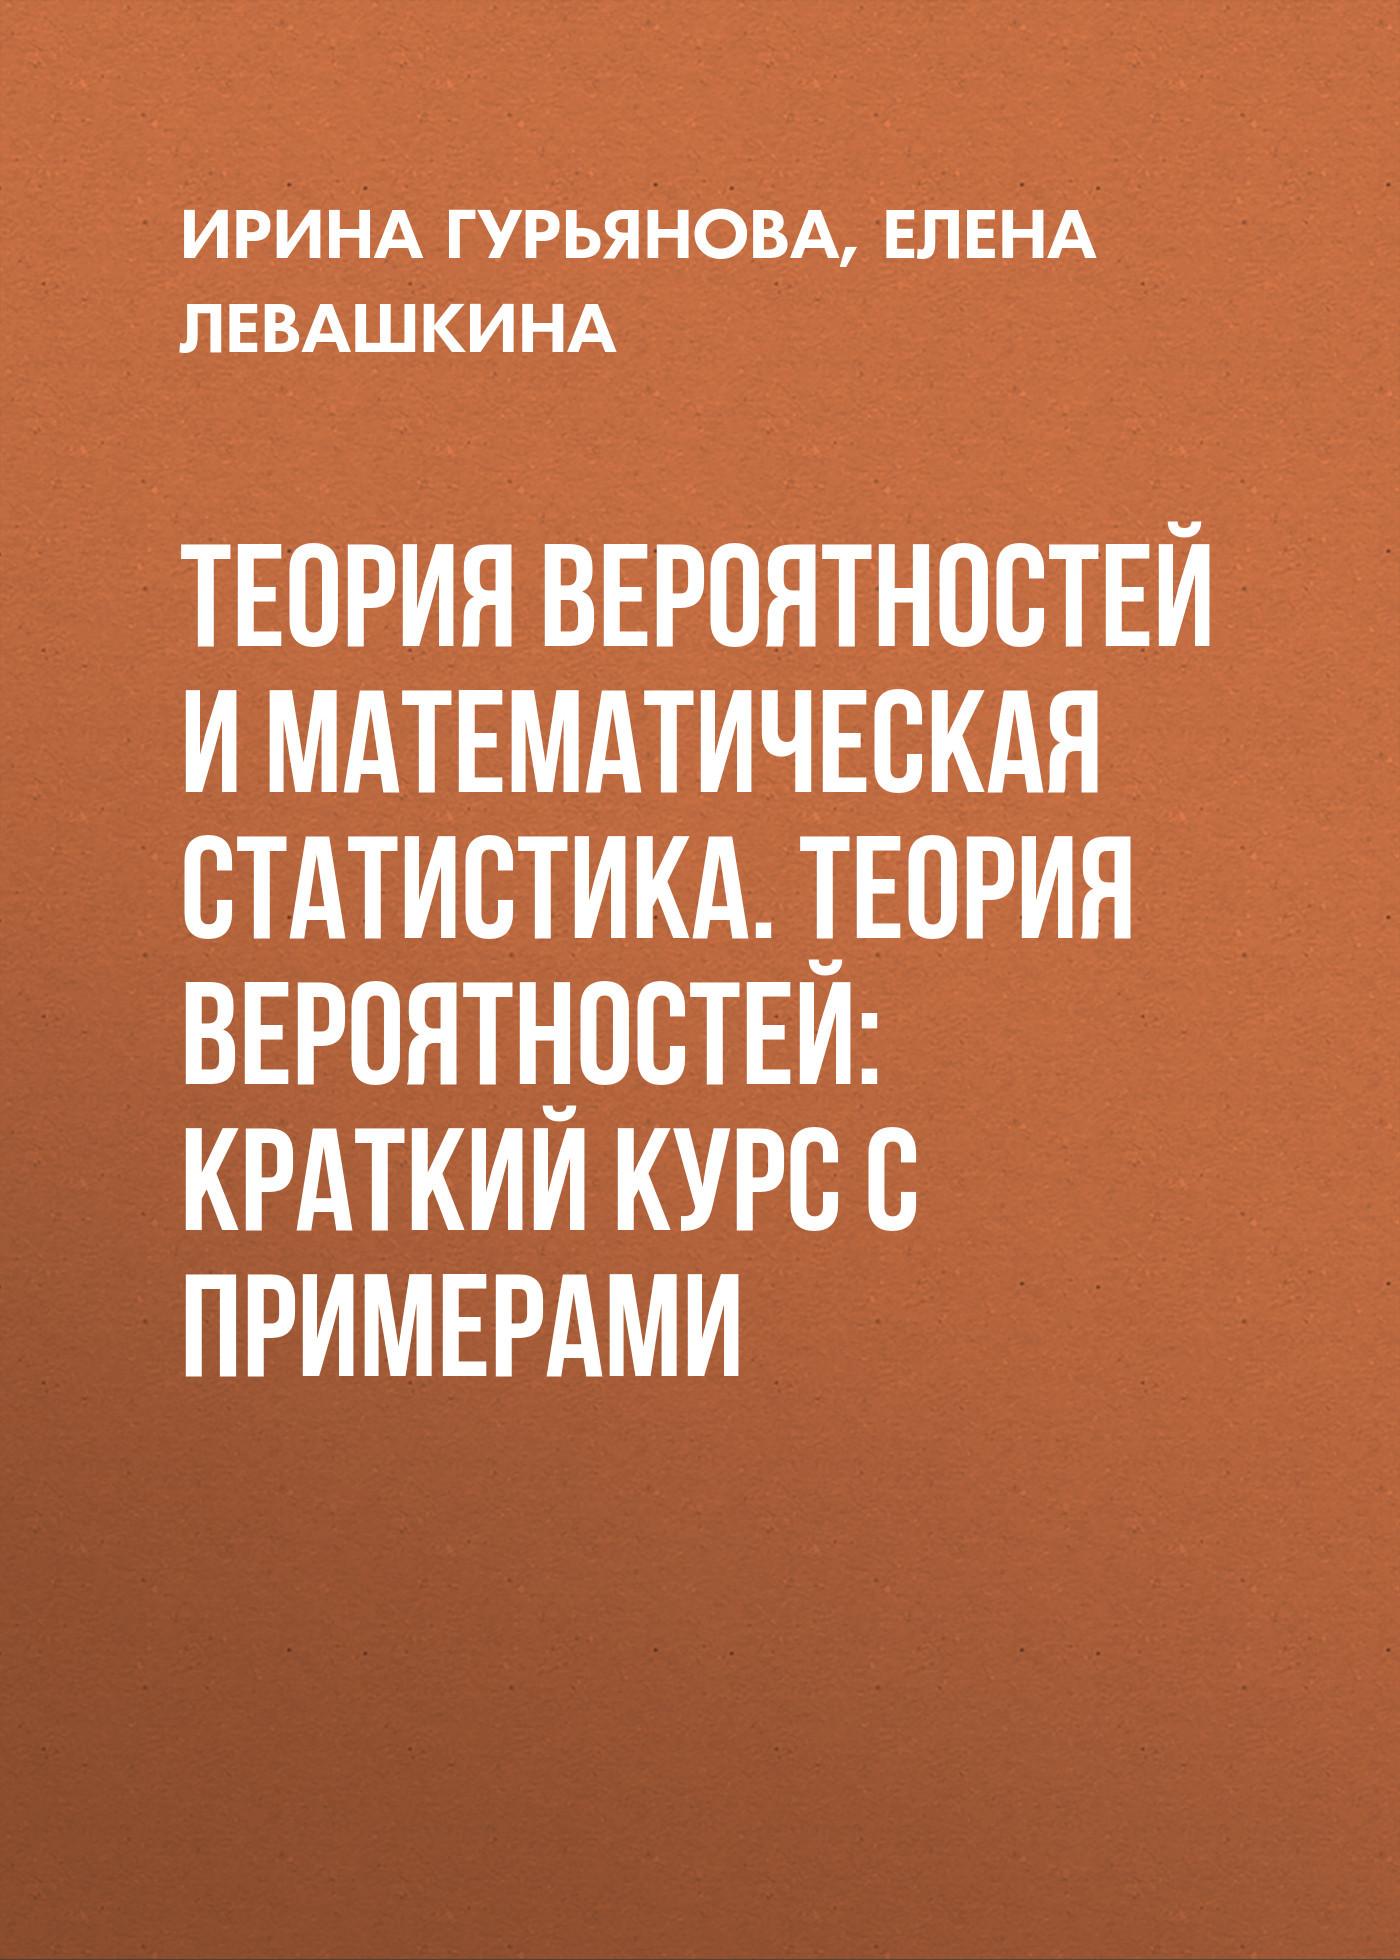 Елена Левашкина Теория вероятностей и математическая статистика. Теория вероятностей: краткий курс с примерами генераторы случайных чисел математическая теория